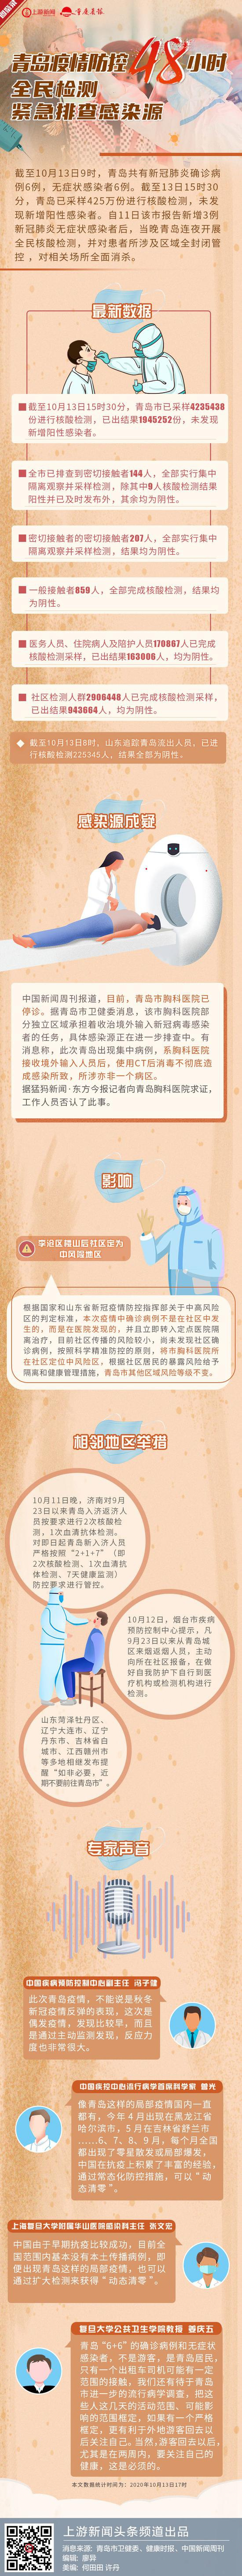 图说青岛疫情防控48小时:全民检测 紧急排查感染源图片